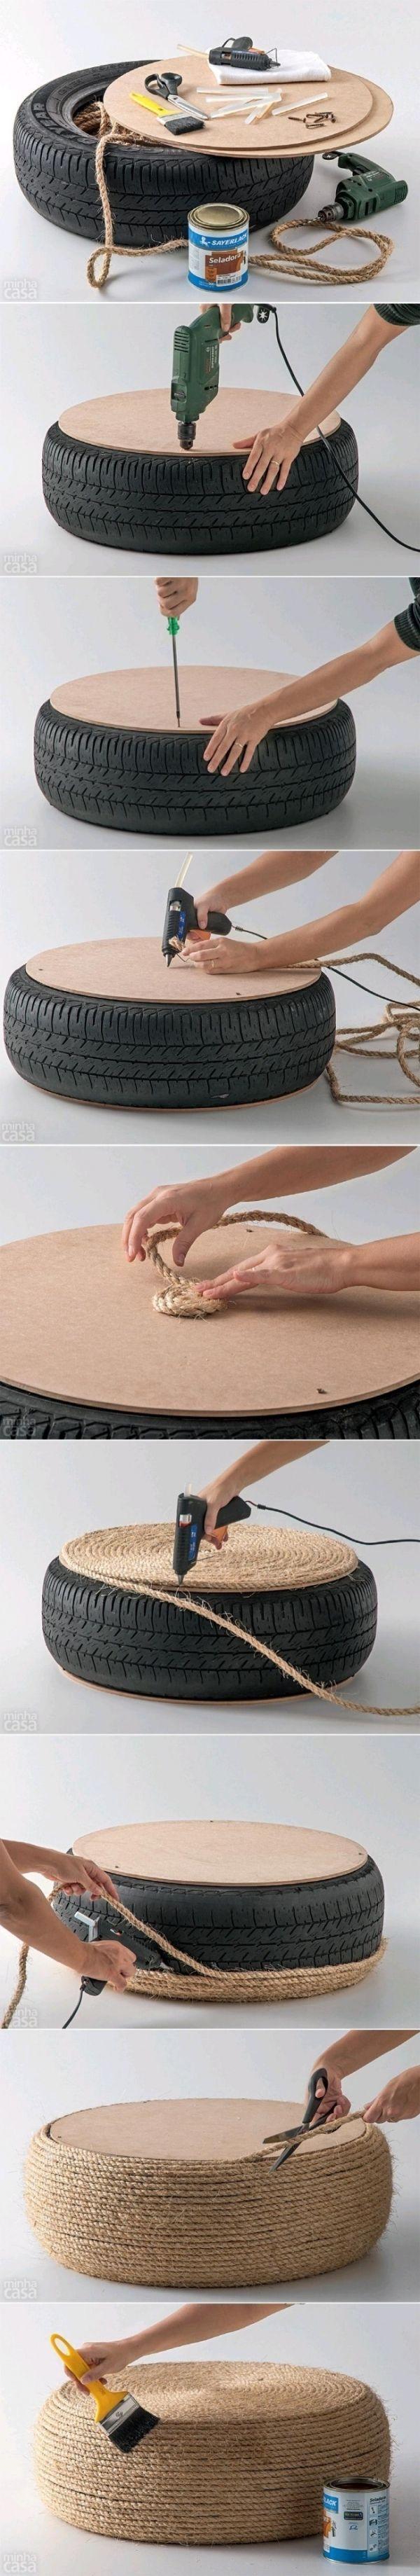 Creative And Useful Popular DIY Ideas   via:topdreamer.com  ================